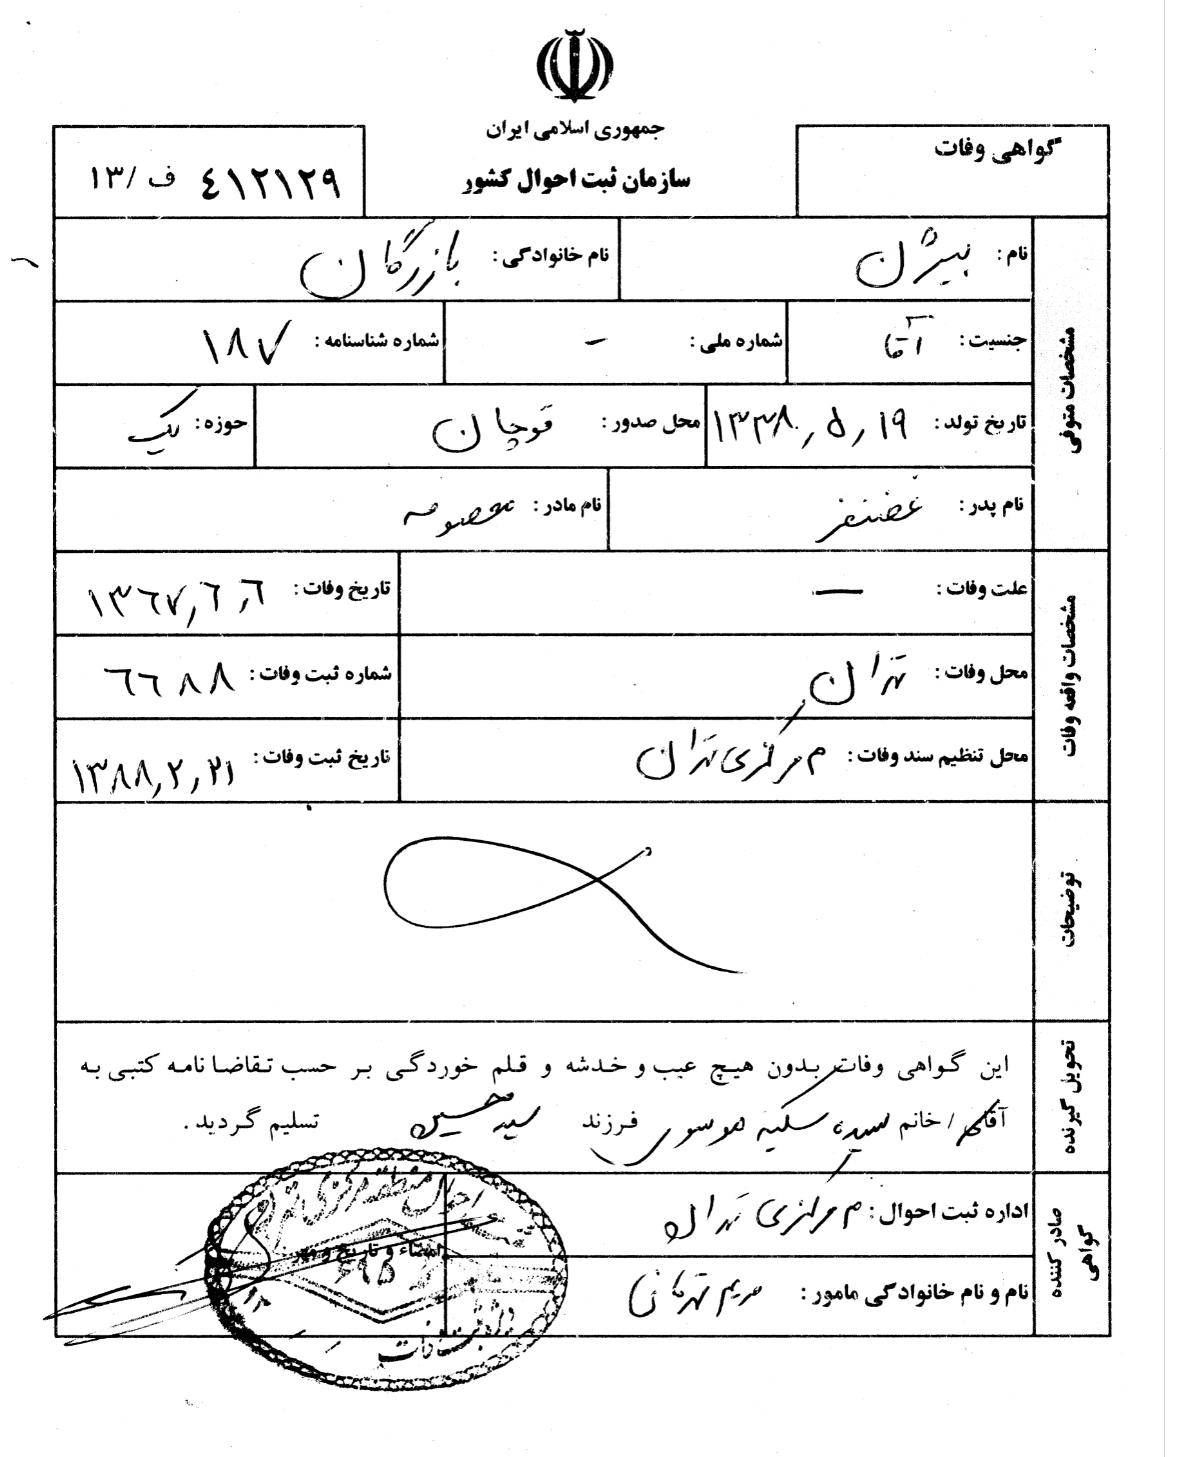 شهادة وفاة بارزكان